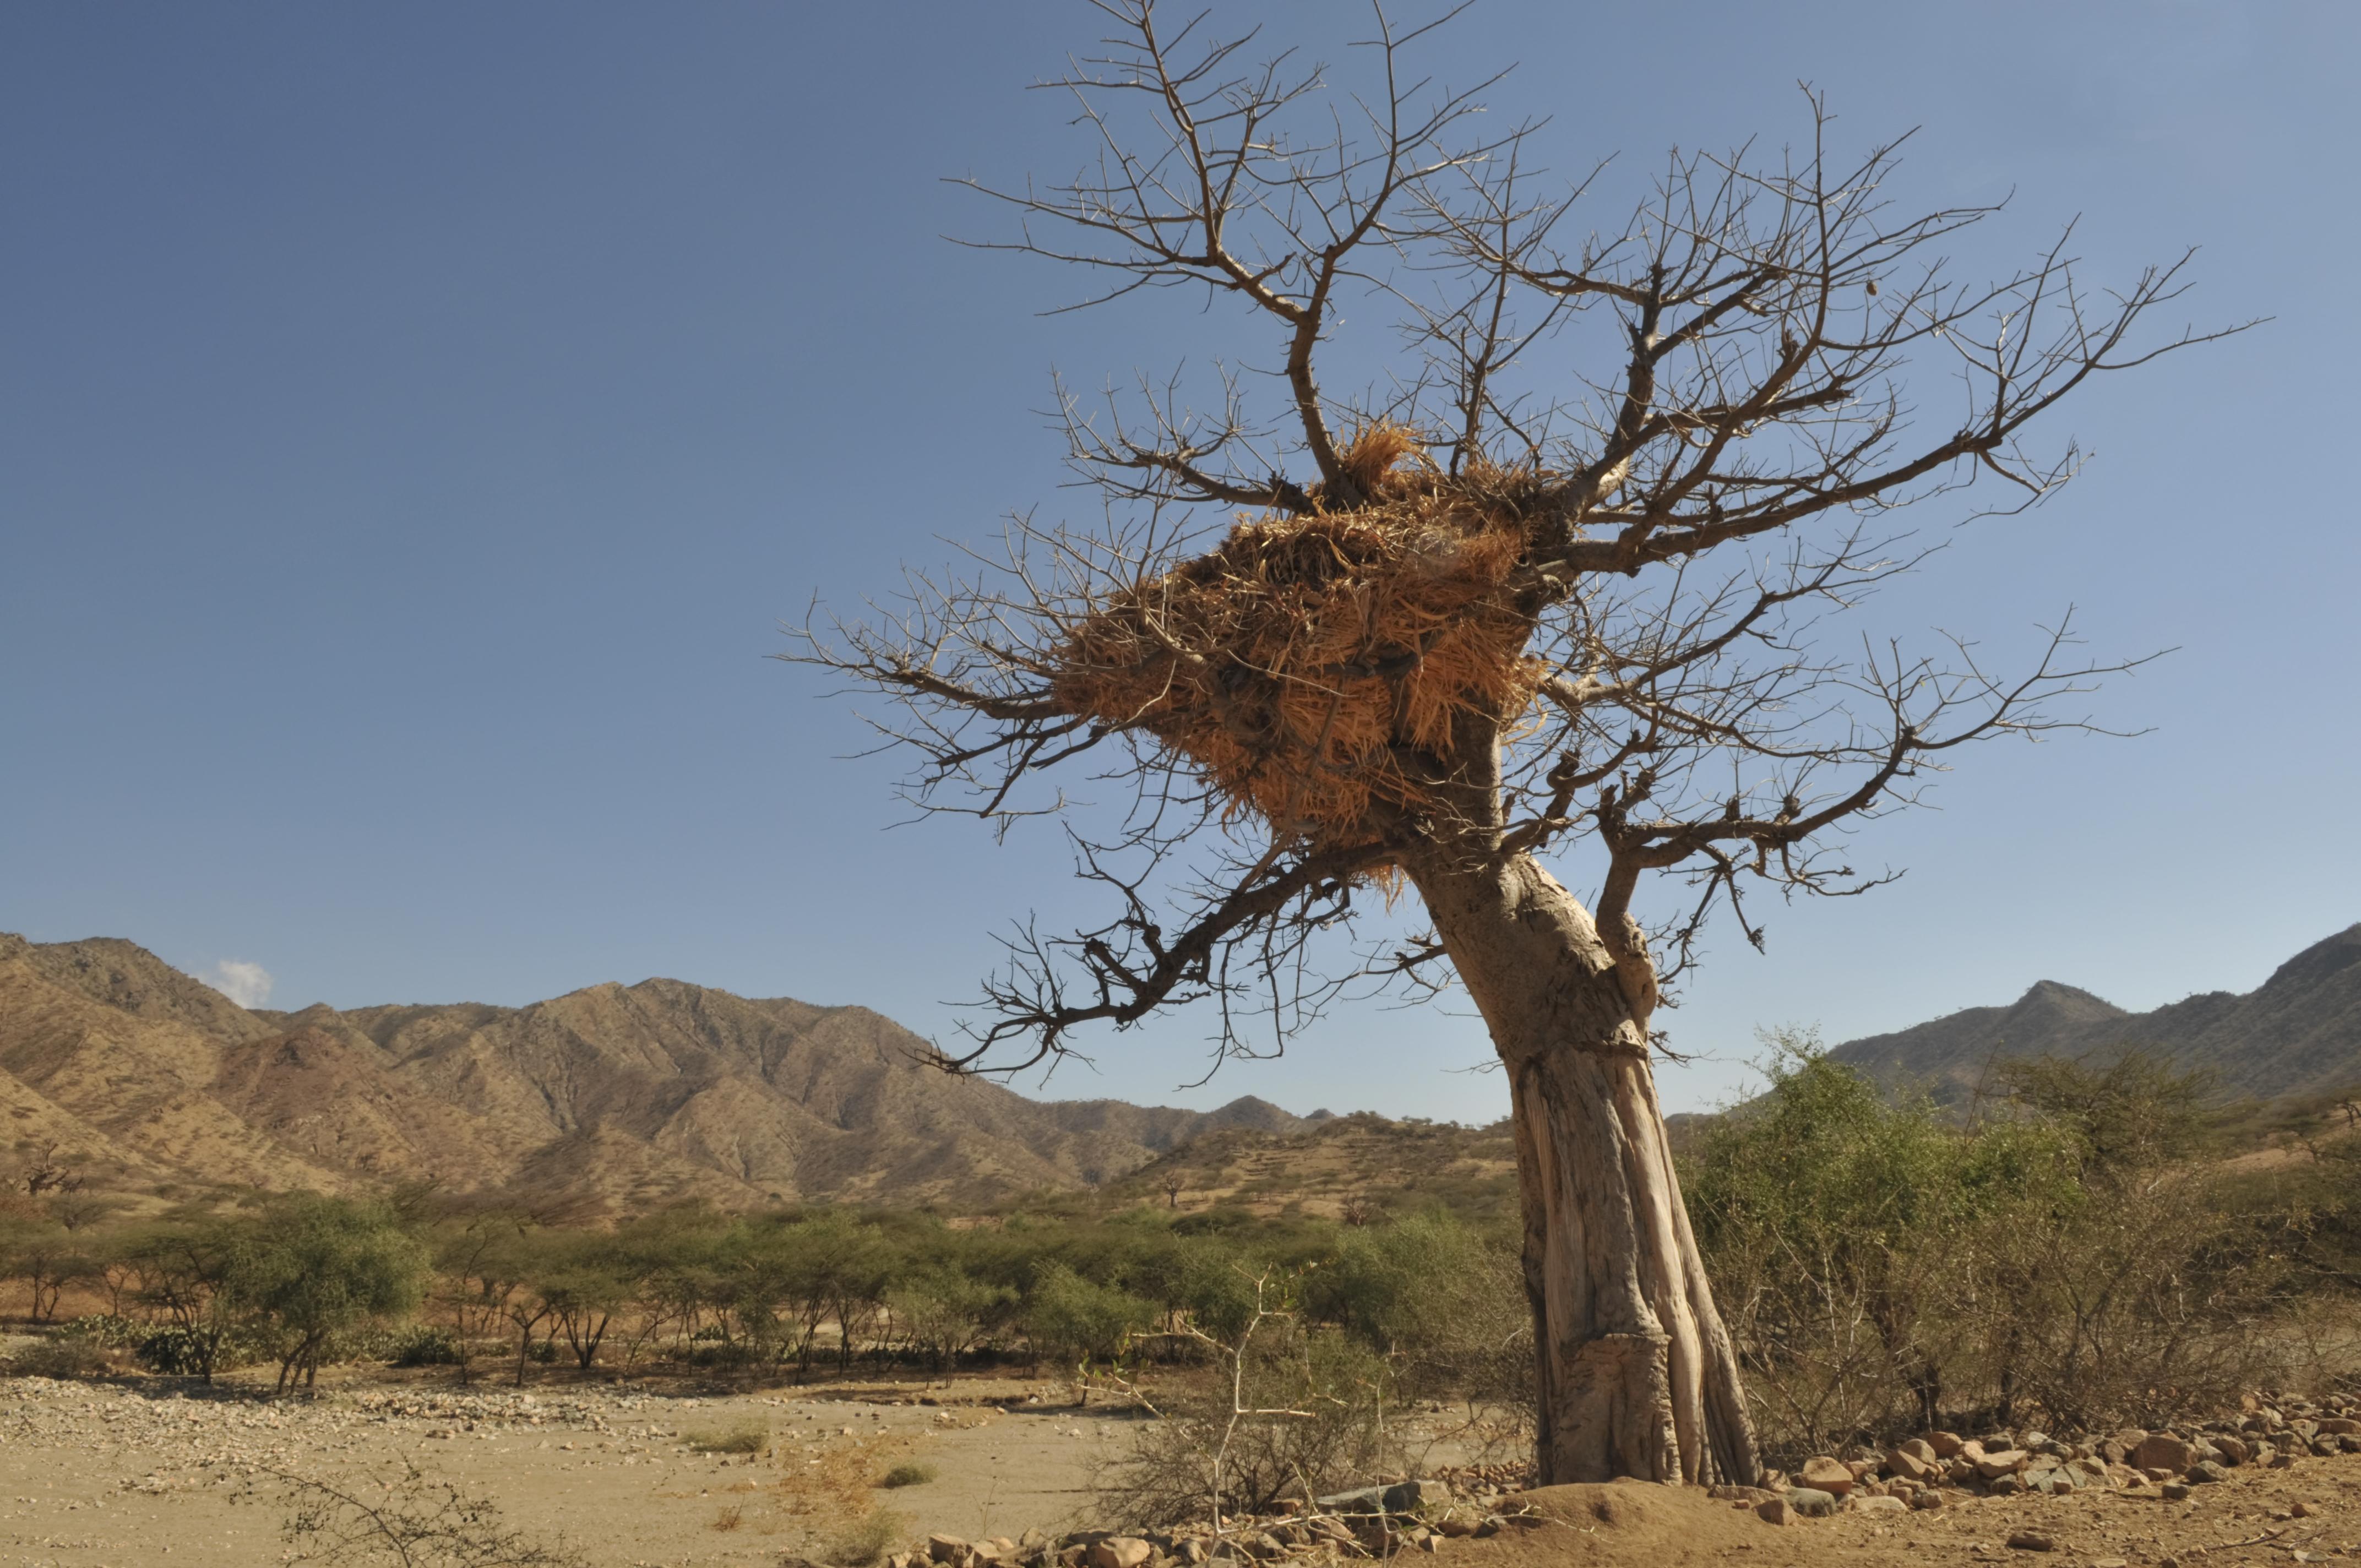 Baobab tree used as a haystack, Eritrea